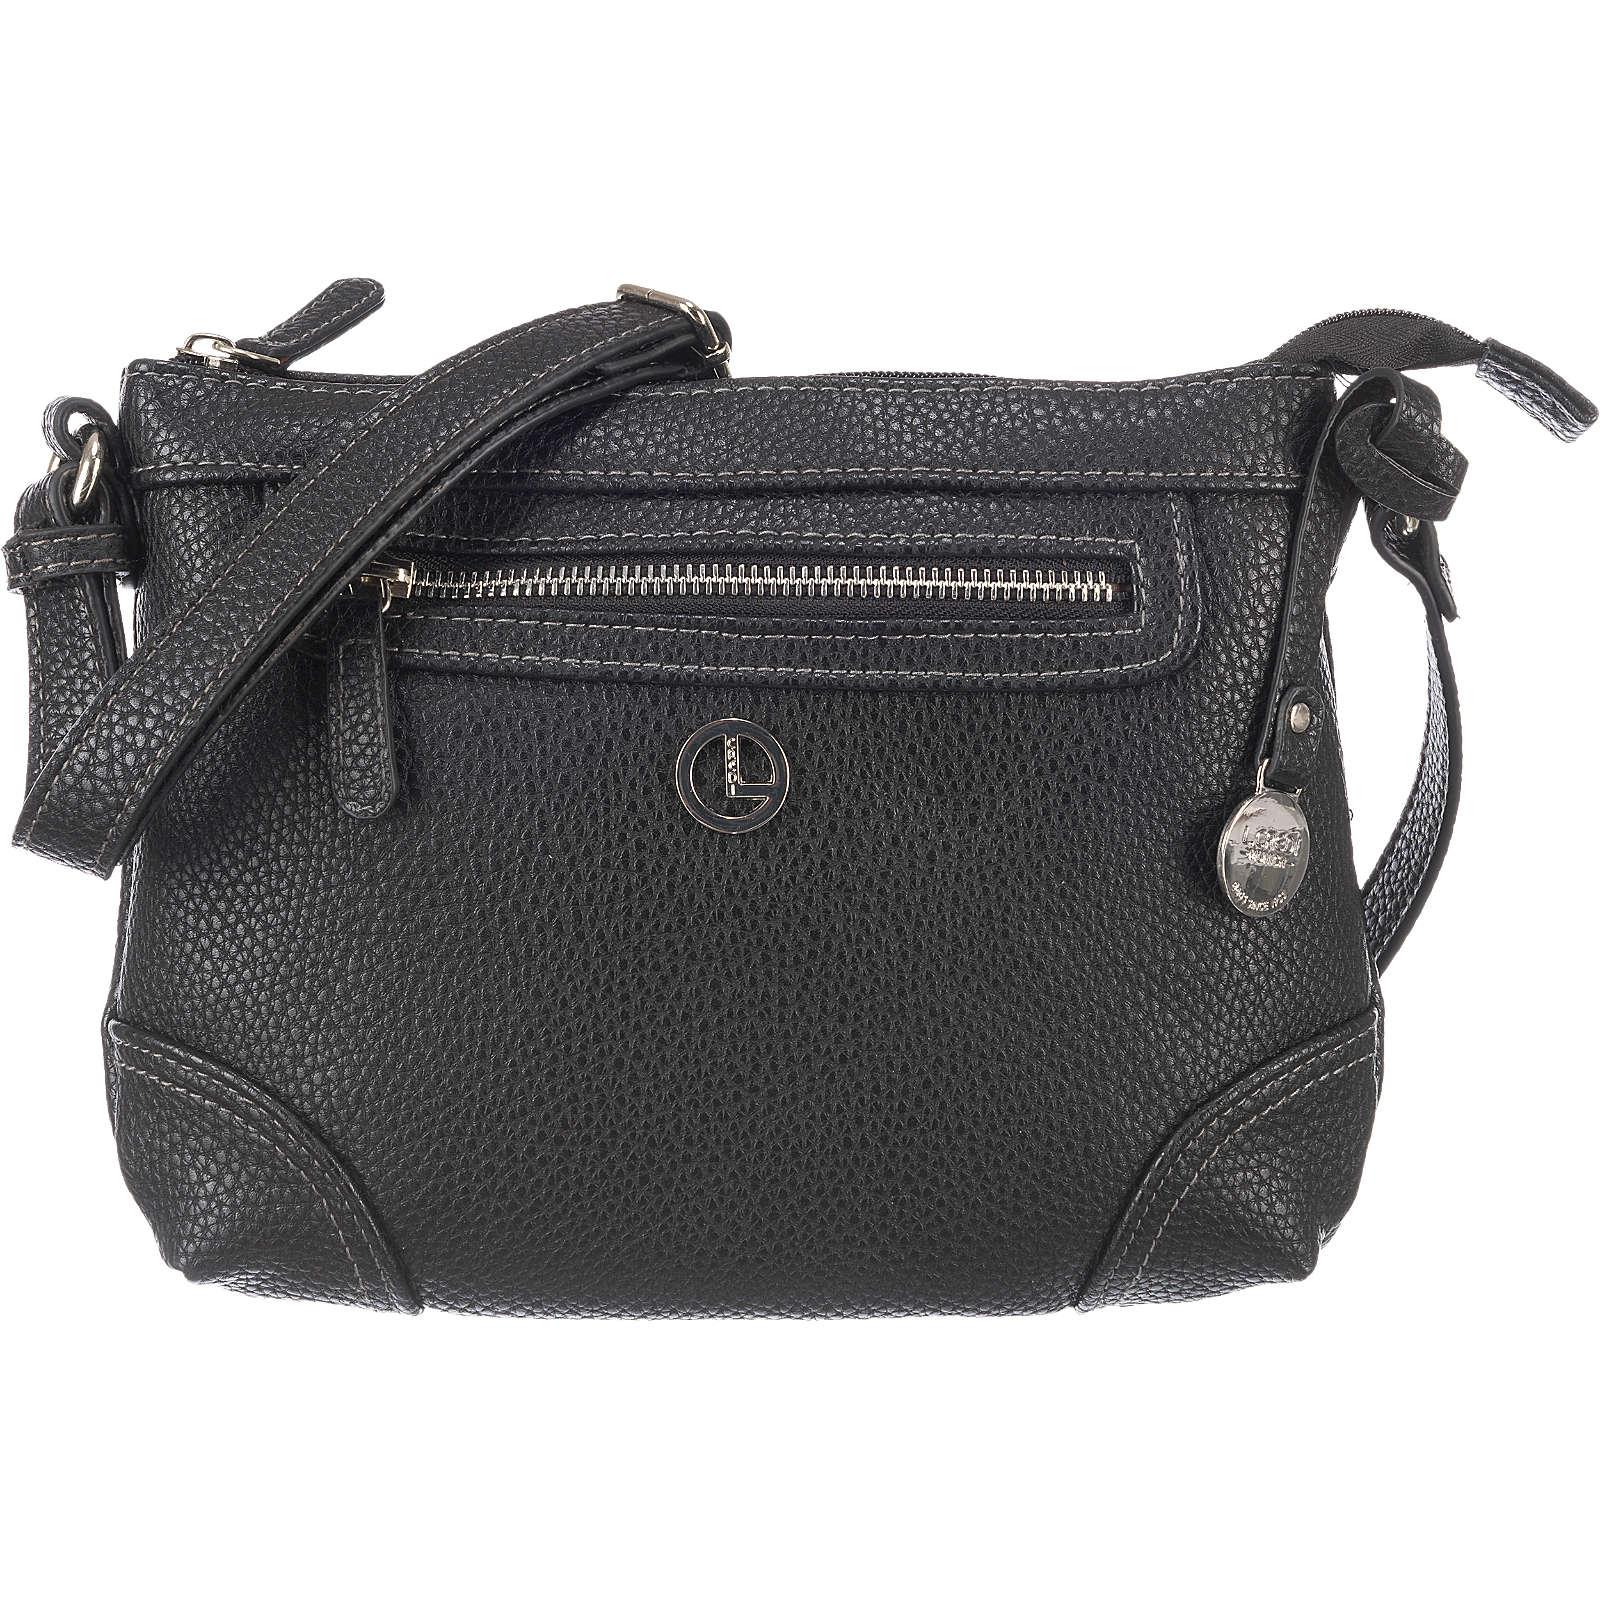 adidas handtasche shopper sst damen handtasche schwarz damen handtaschen. Black Bedroom Furniture Sets. Home Design Ideas